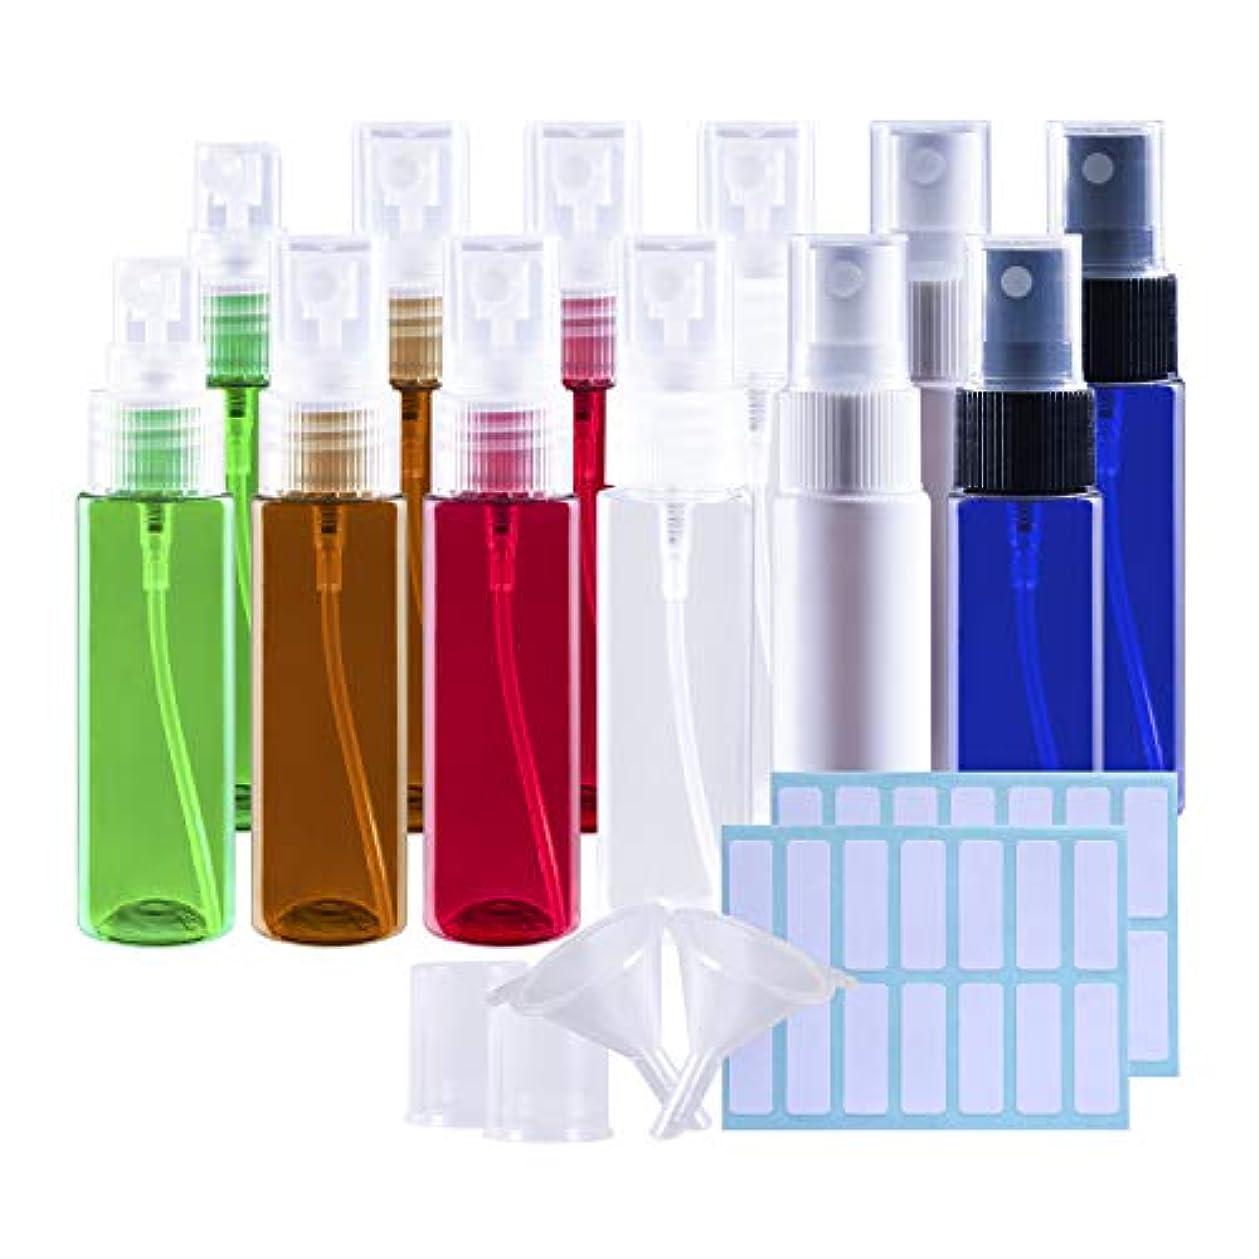 反論契約存在スプレーボトル 遮光瓶 12本セット 30ML 詰替ボトル 空容器 霧吹き アロマ虫除けスプレー ラベルシール ミニ漏斗付き(6色)